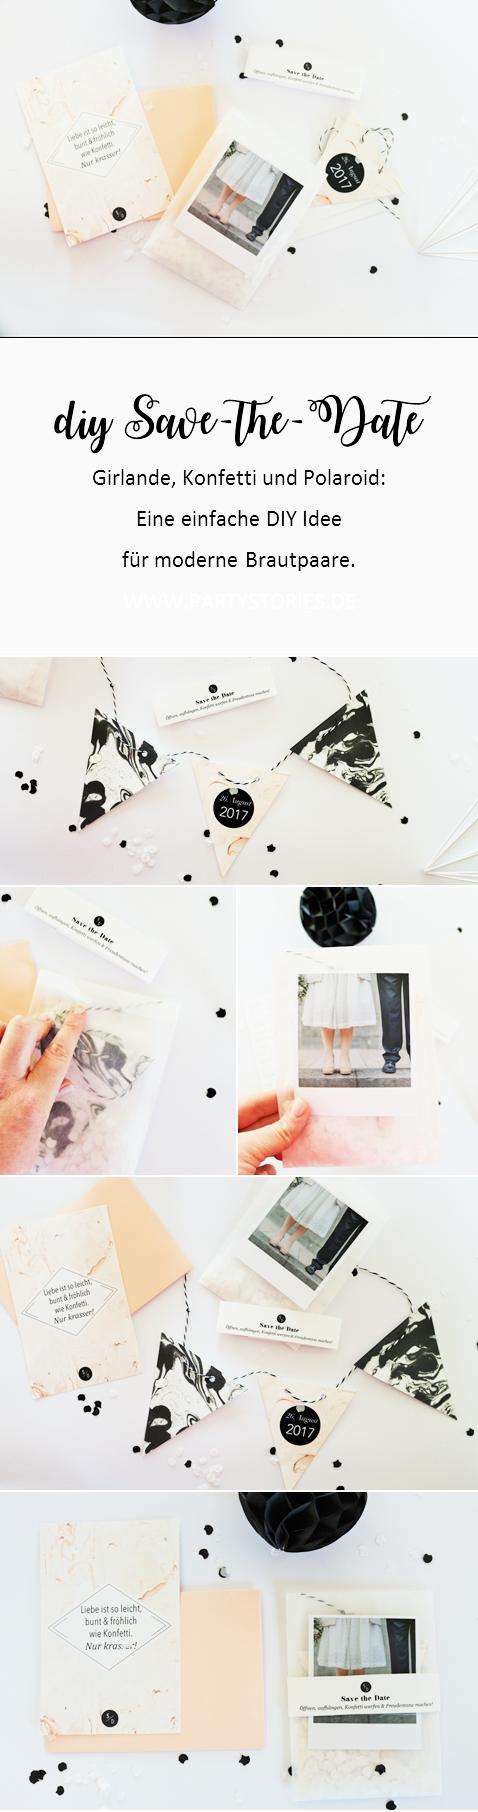 Bild: DIY Save-the-Date Ideen zum selber machen für die Hochzeit, Babyparty oder den Geburtstag gesucht? Probier's mal mit dieser DIY Alternative zur Karte: Als Girlande! gefunden auf www.partystories.de